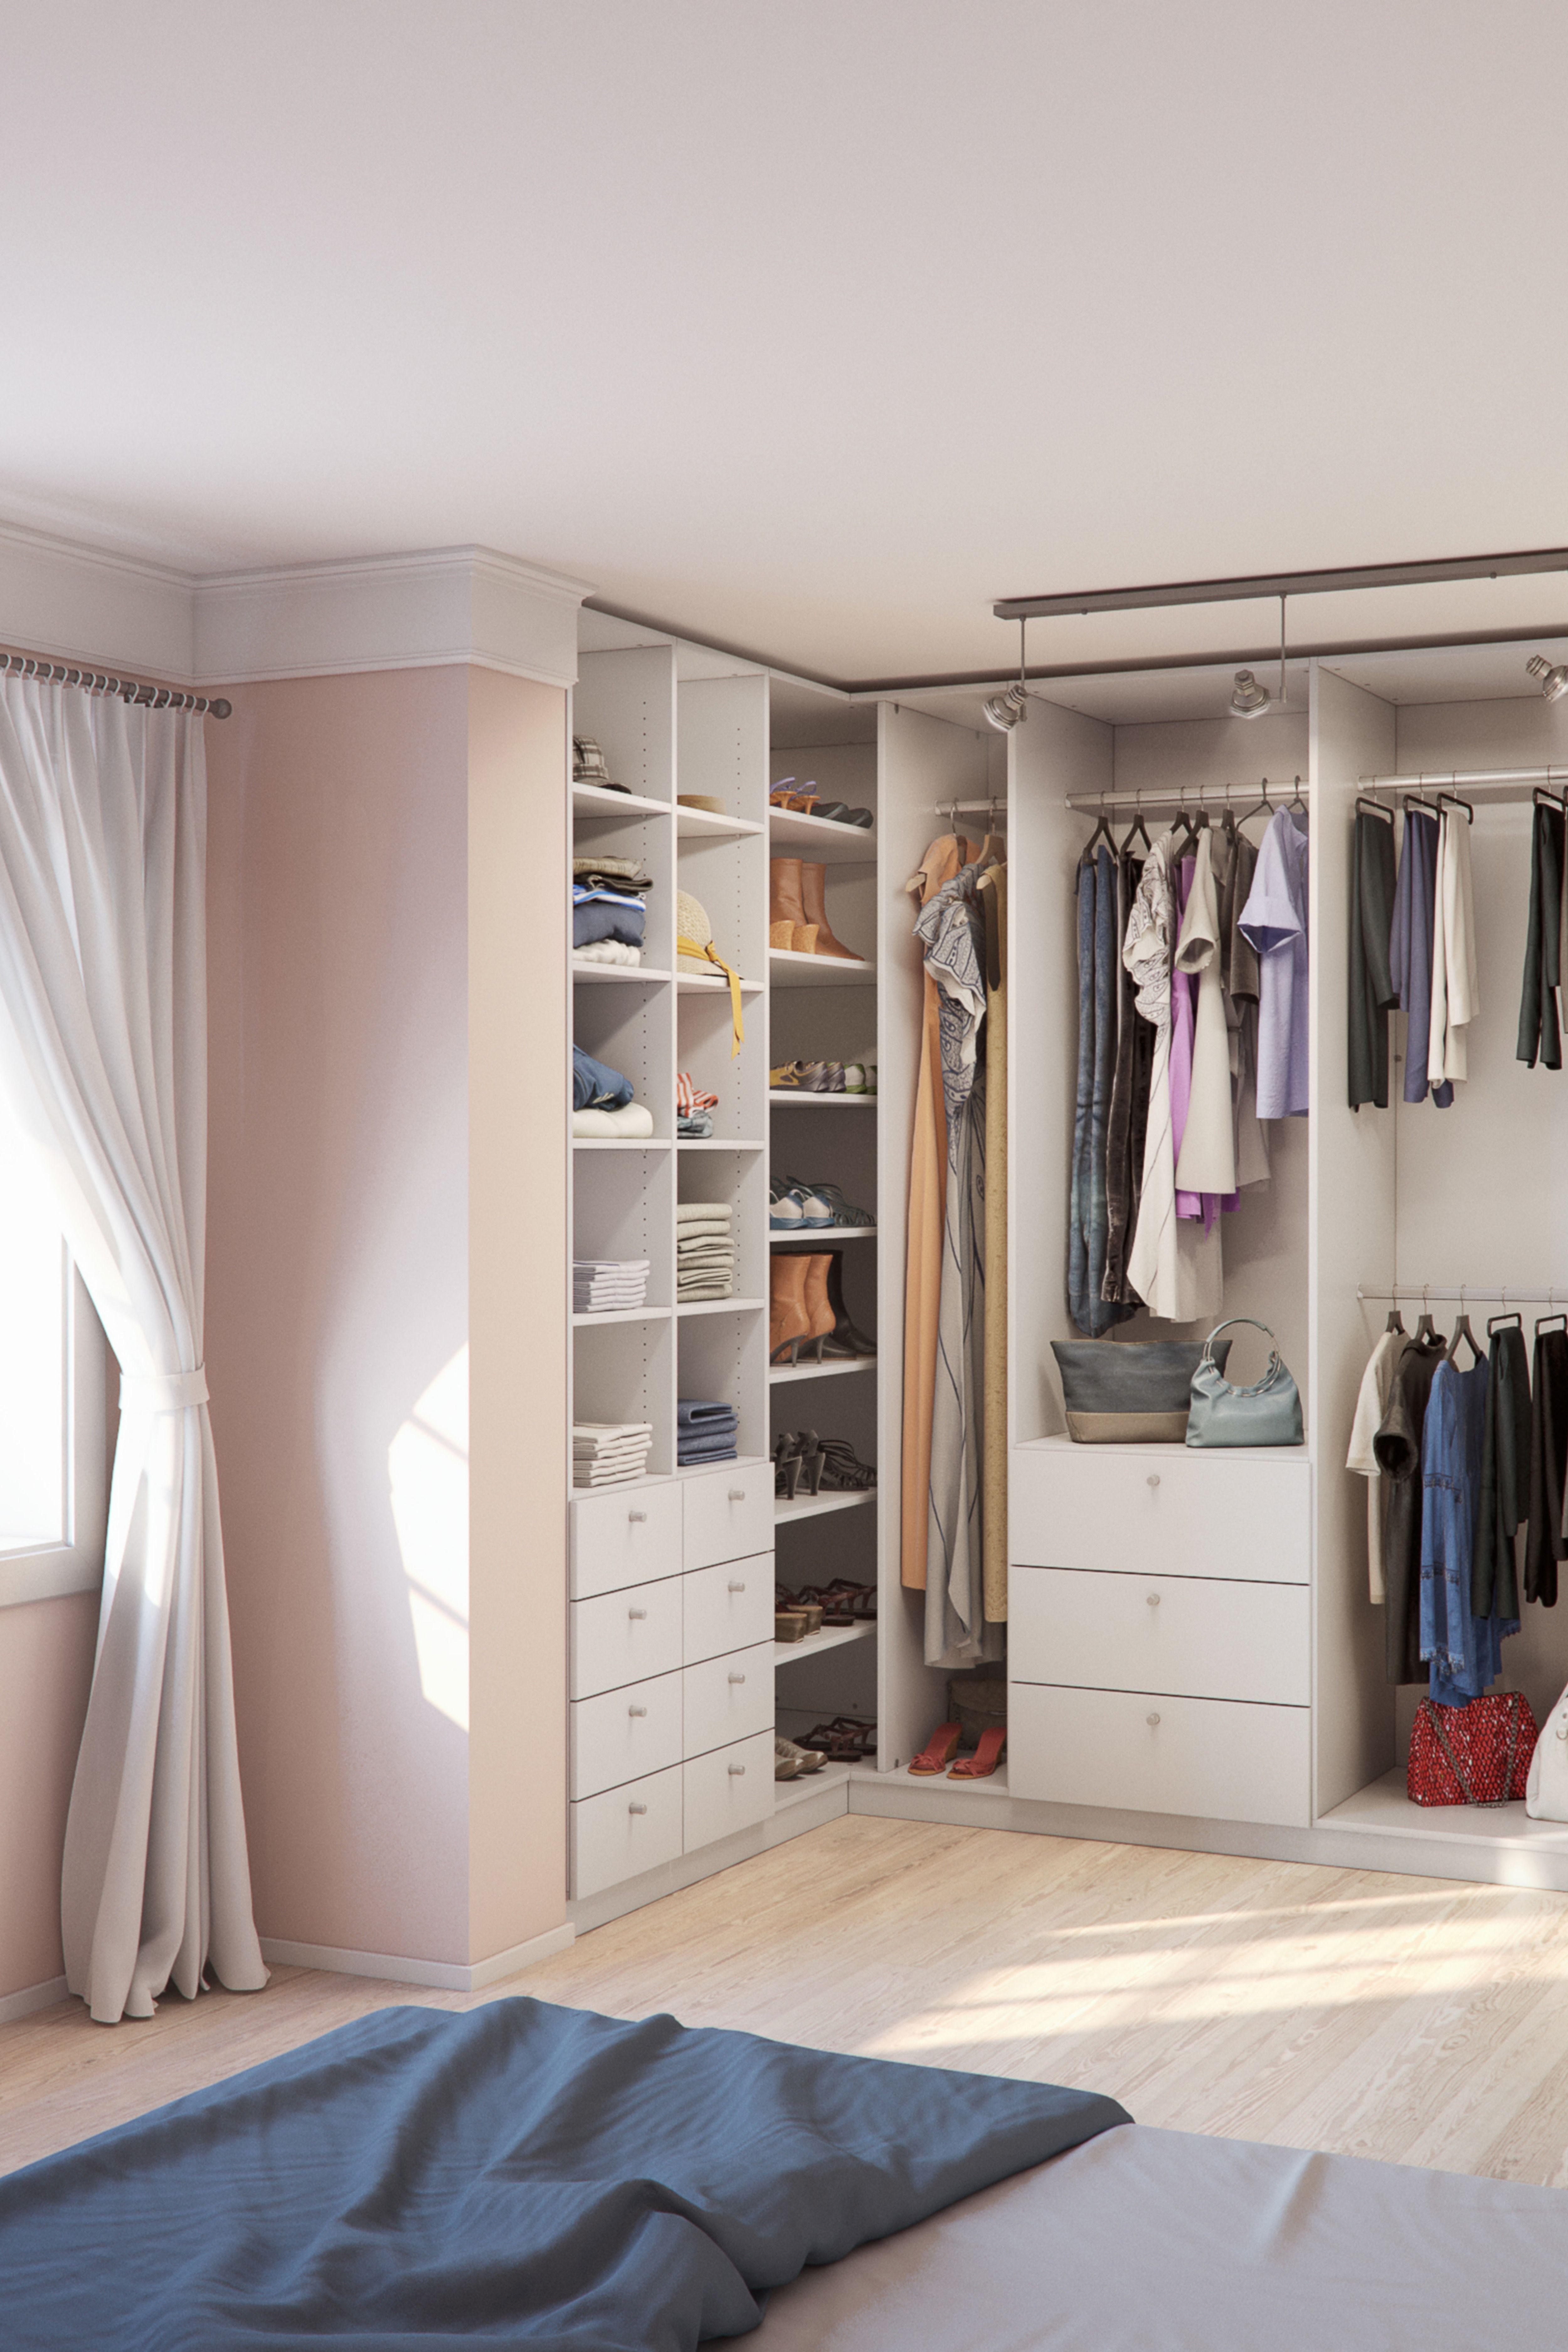 Nischen Und Ecken In Stauraum Fur Kleidung Verwandeln Ankleide Zimmer Ankleide Ankleidezimmer